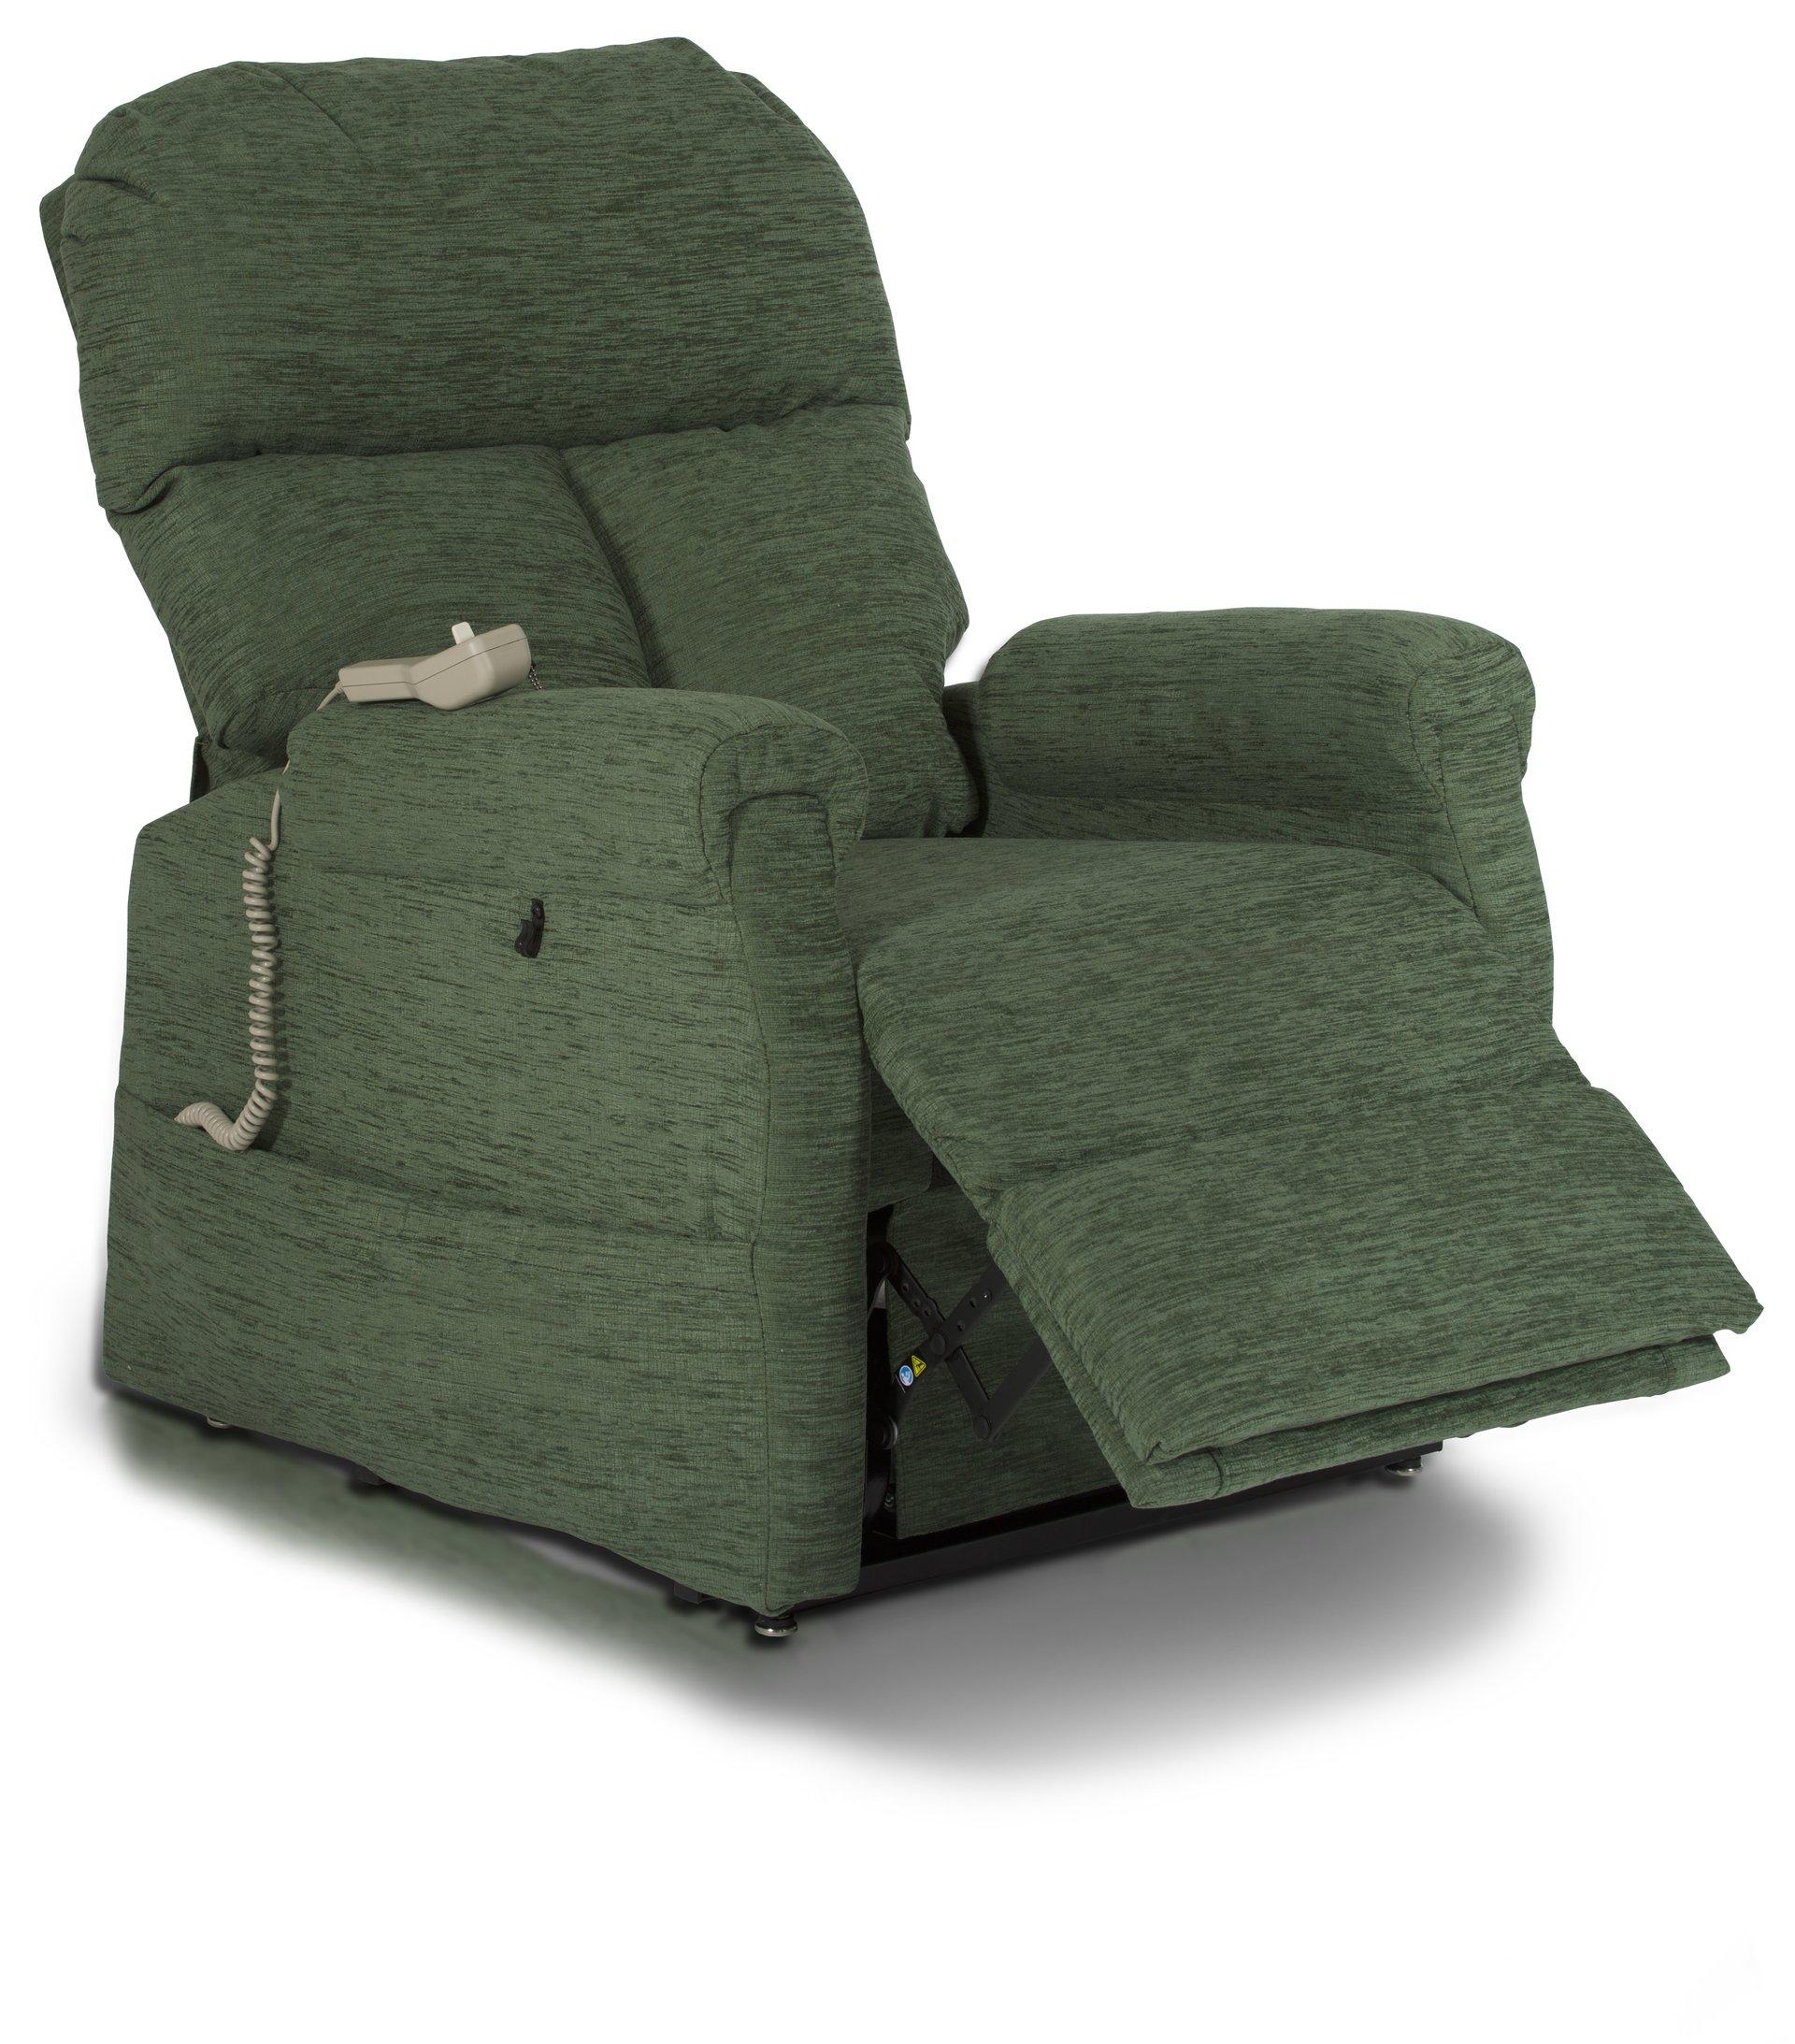 lucy riser recliner